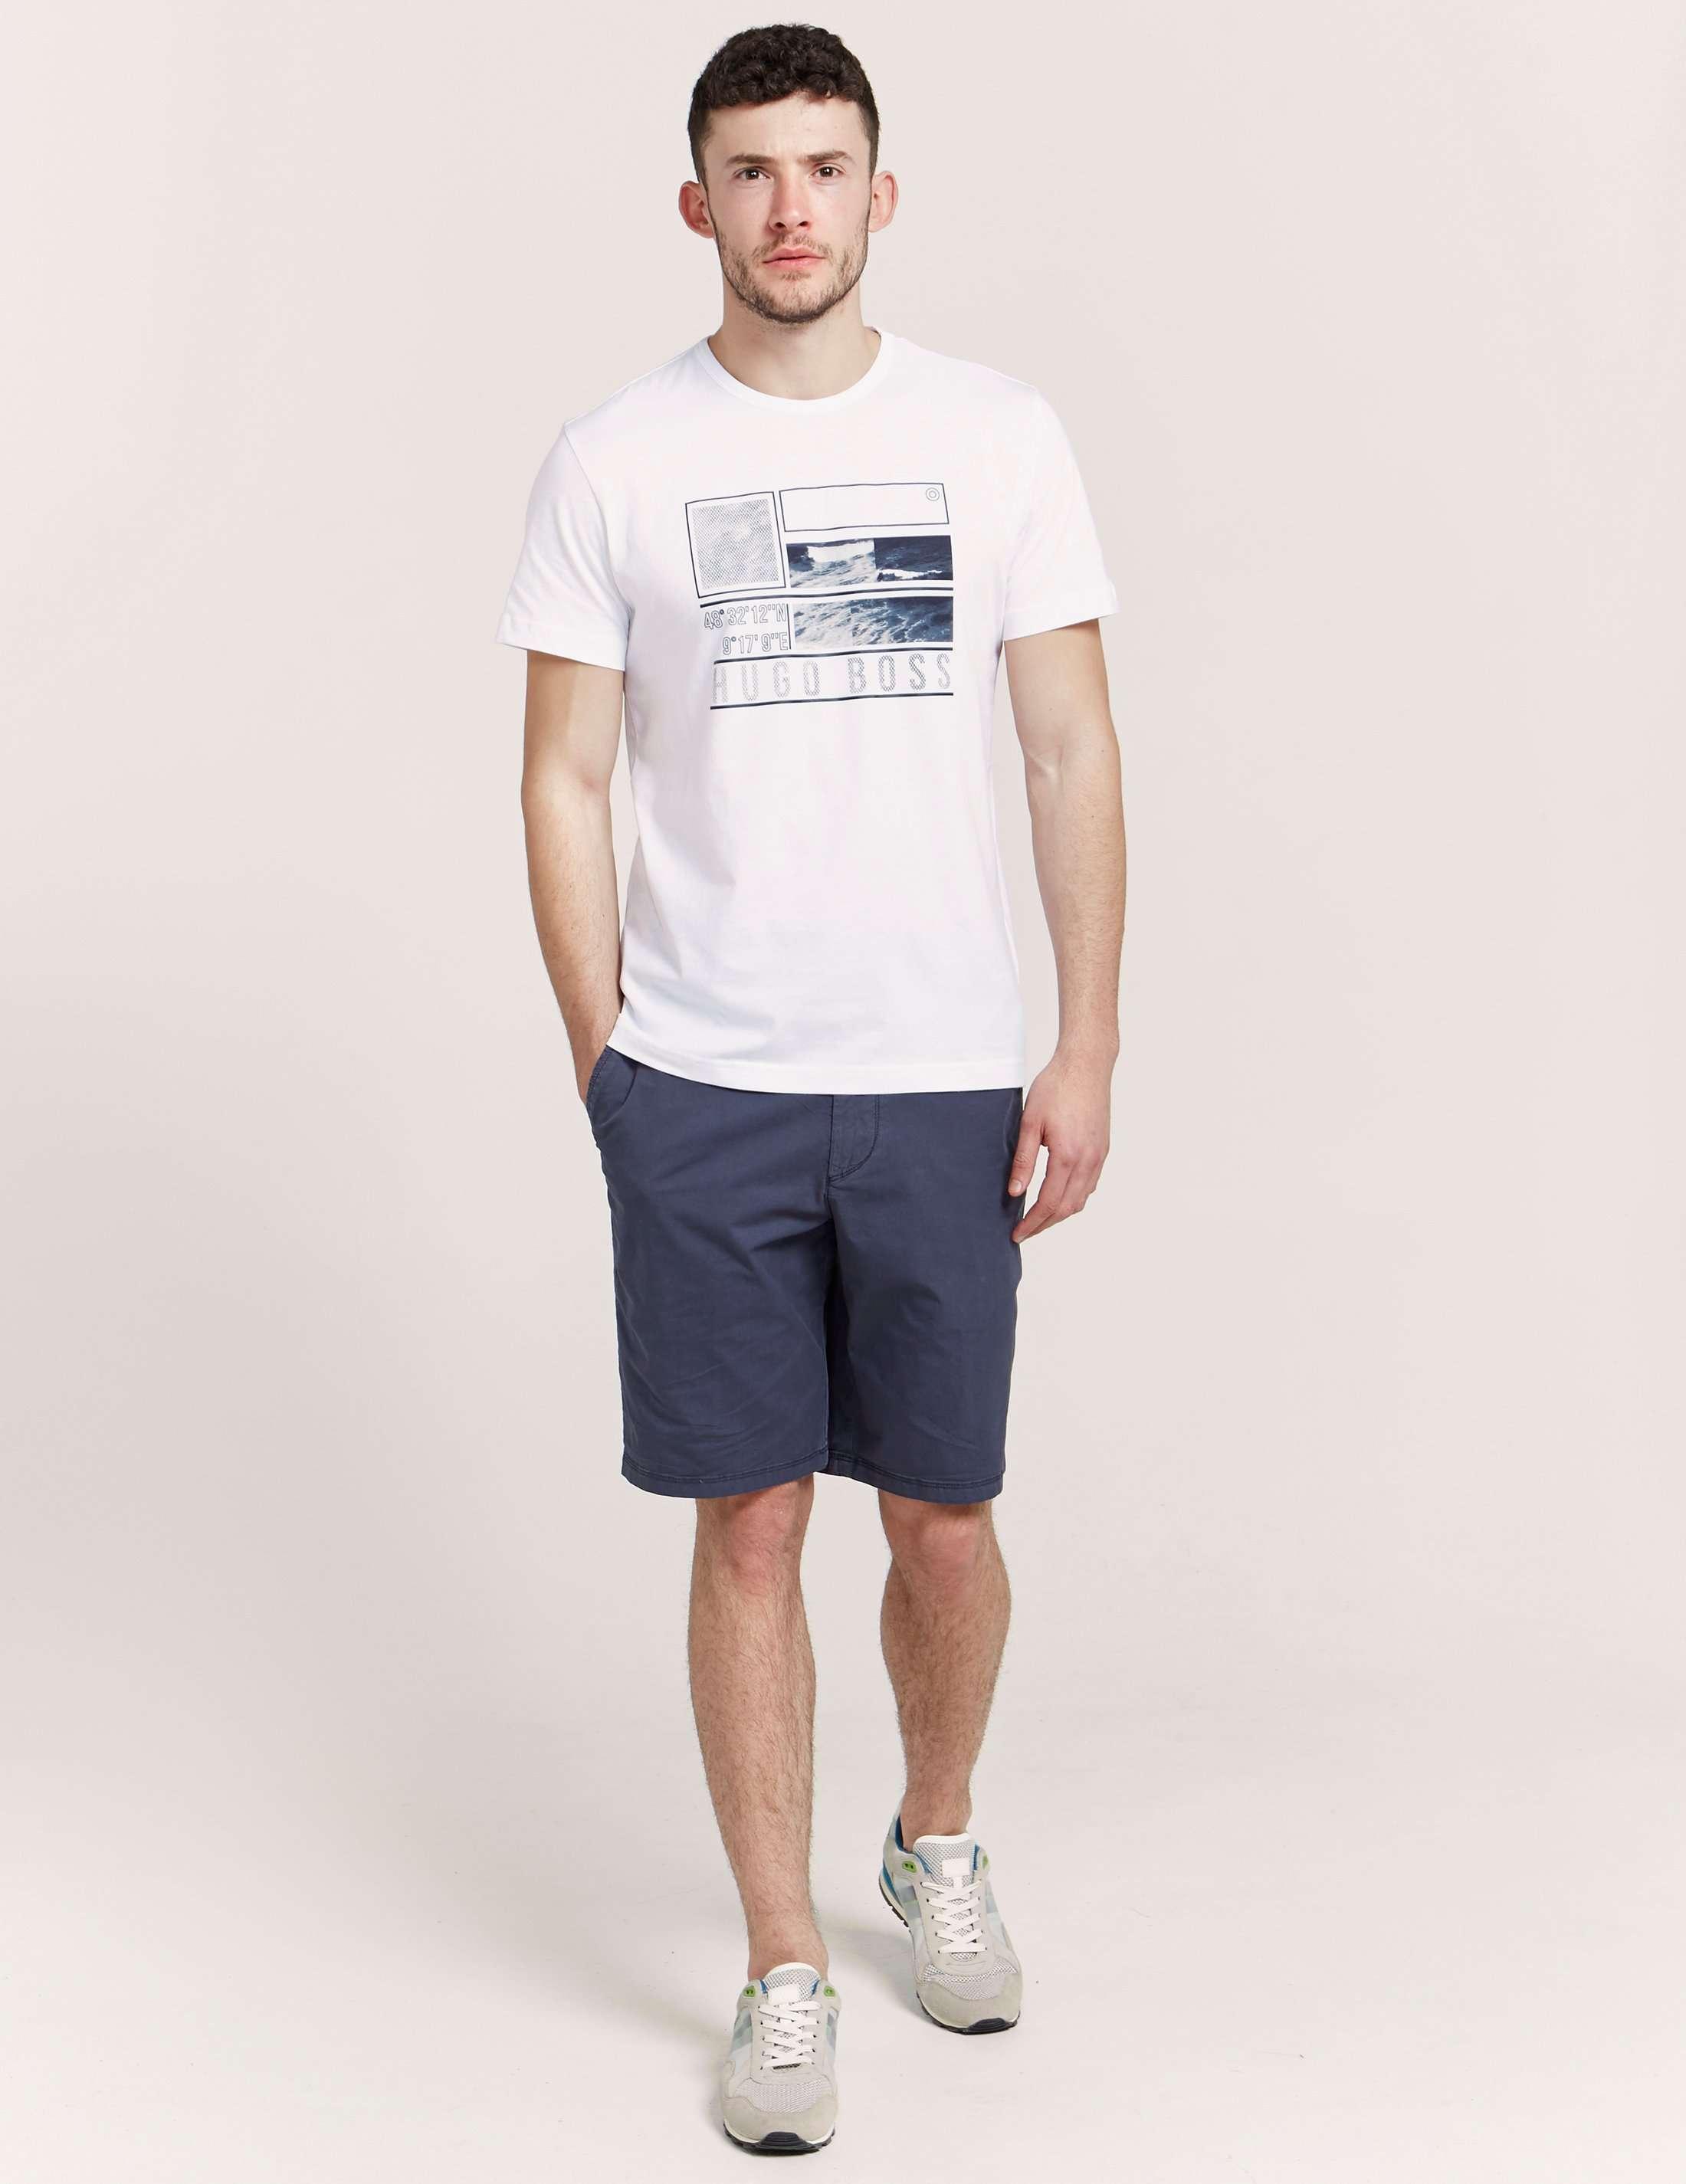 BOSS Green Square Print T-Shirt